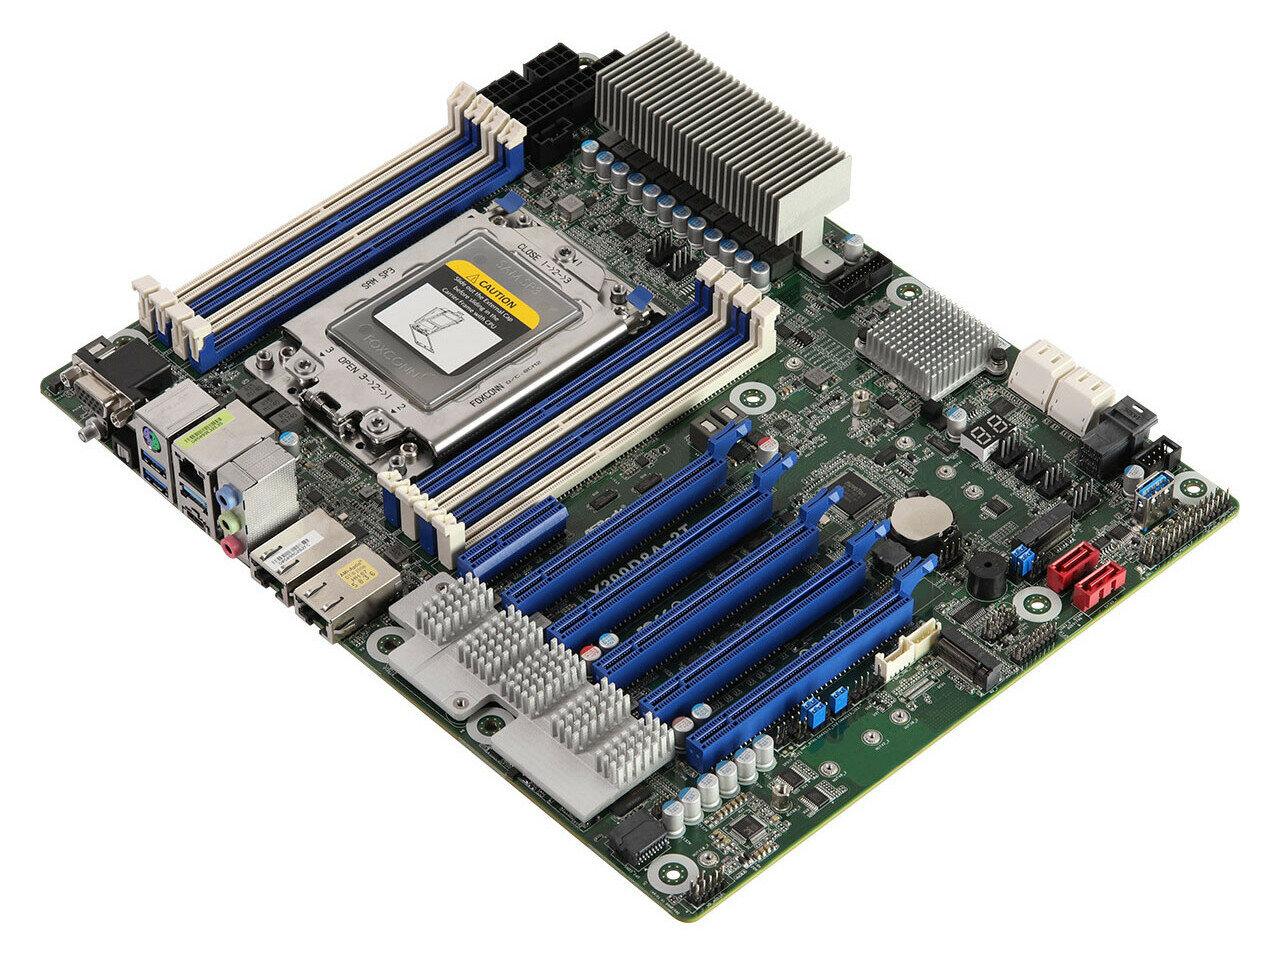 ASRock Rack X399D8A-2T et X470D4U2-2T : 2x 10 GbE et BMC/IPMI pour Ryzen (Threadripper)